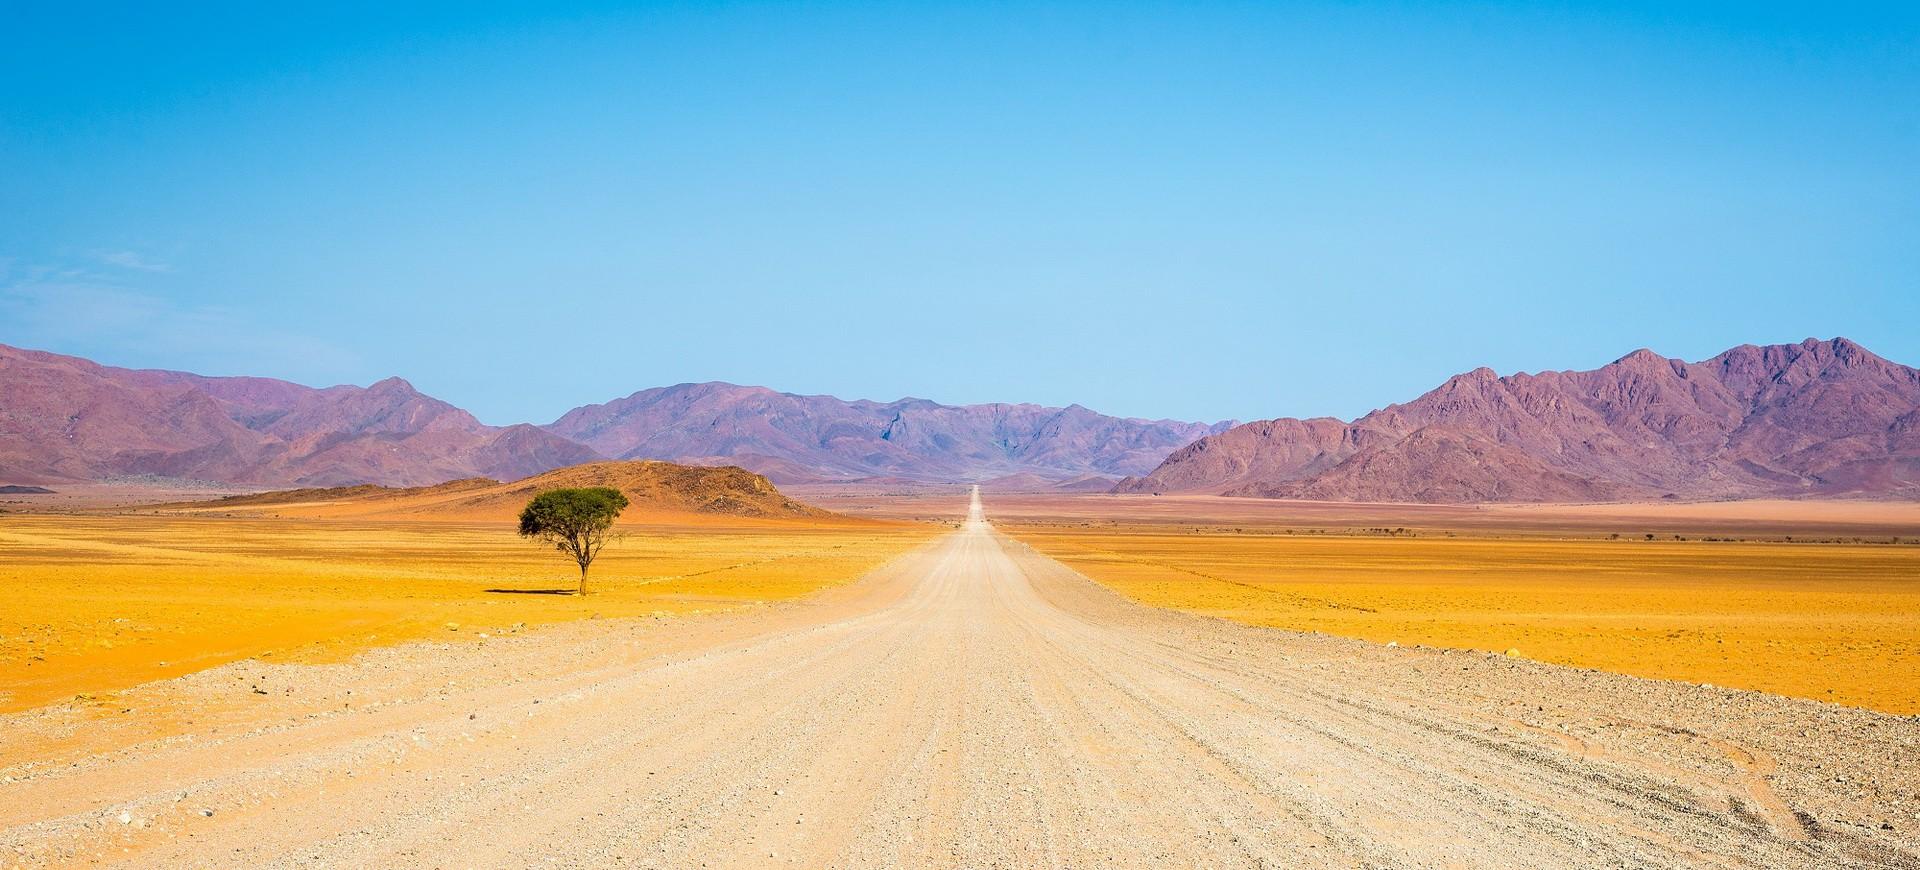 Namibie Route vers le désert de Namib